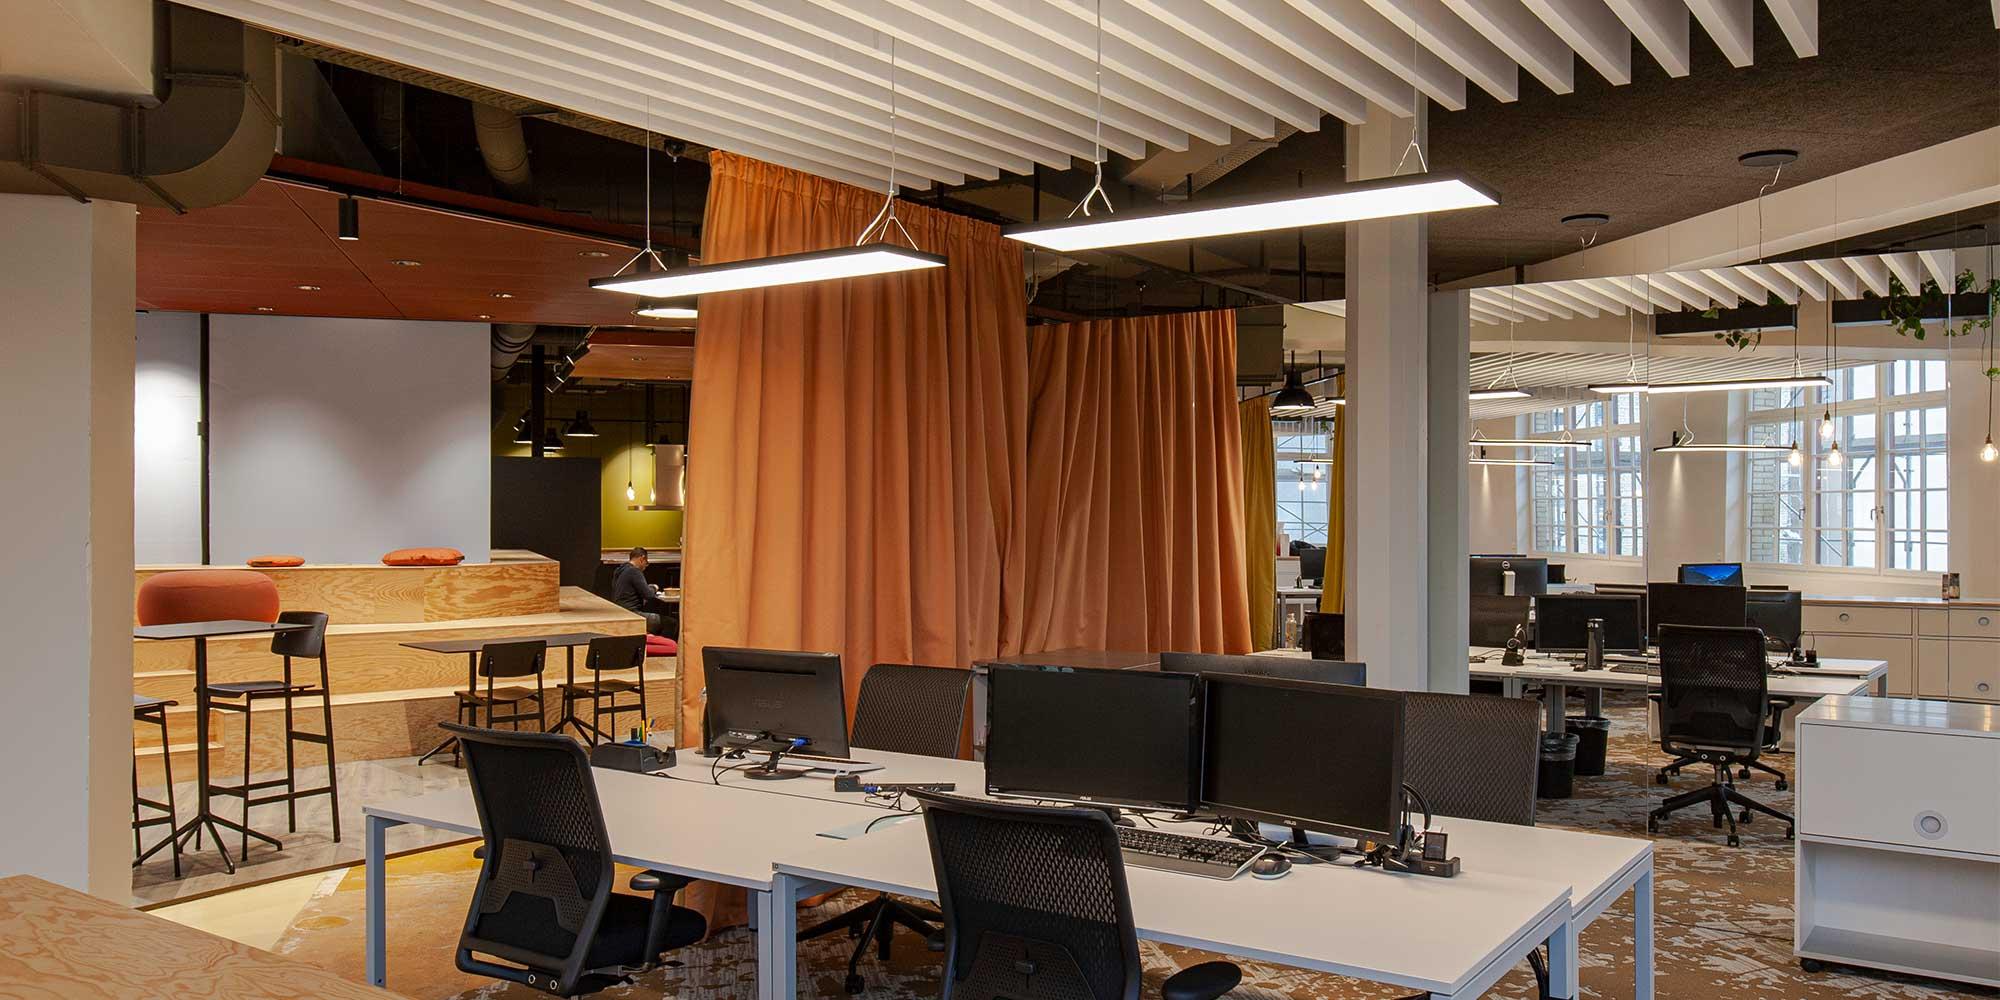 Über den Arbeitsplätzen im Grossraumbüro hängen rechteckige architektonische Leuchten von Lightnet. Cubic Pendelleuchten passen ideal zu den eckigen Schreibtischen. Zwischendurch werden Industrie Pendelleuchten oder Filament Leuchten eingesetzt.